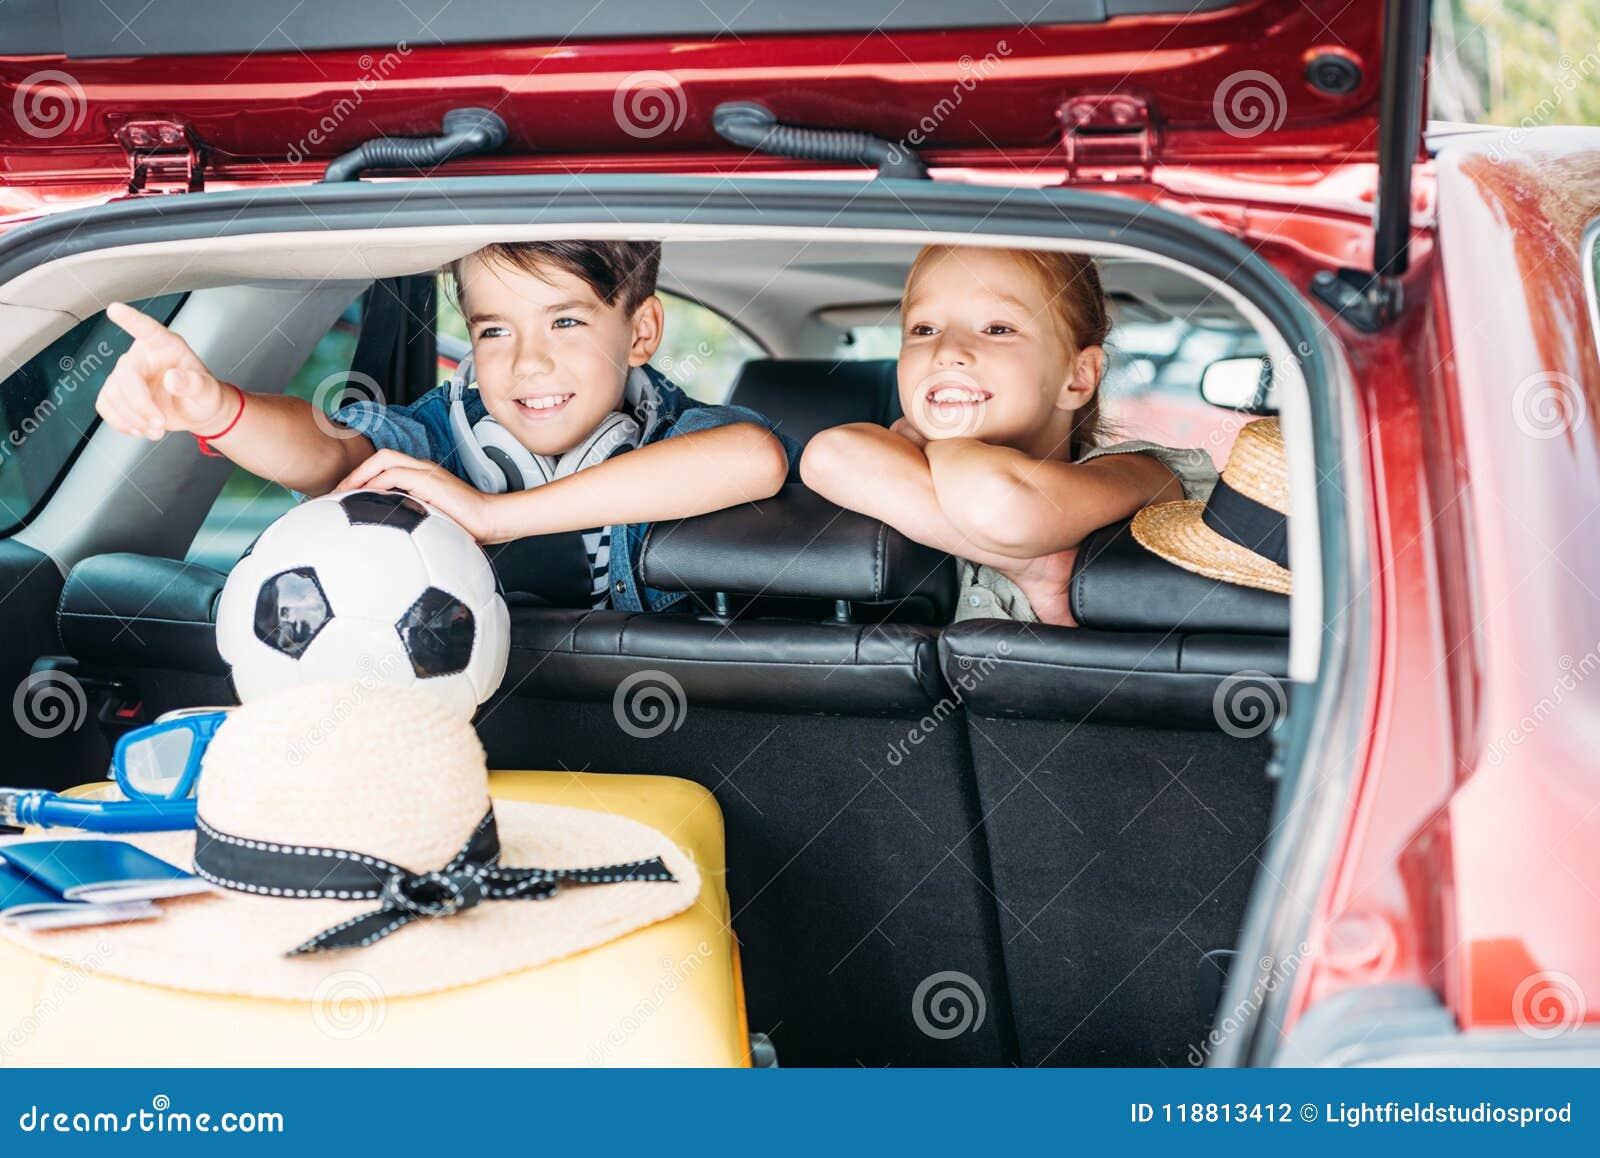 汽车去的可爱的小孩